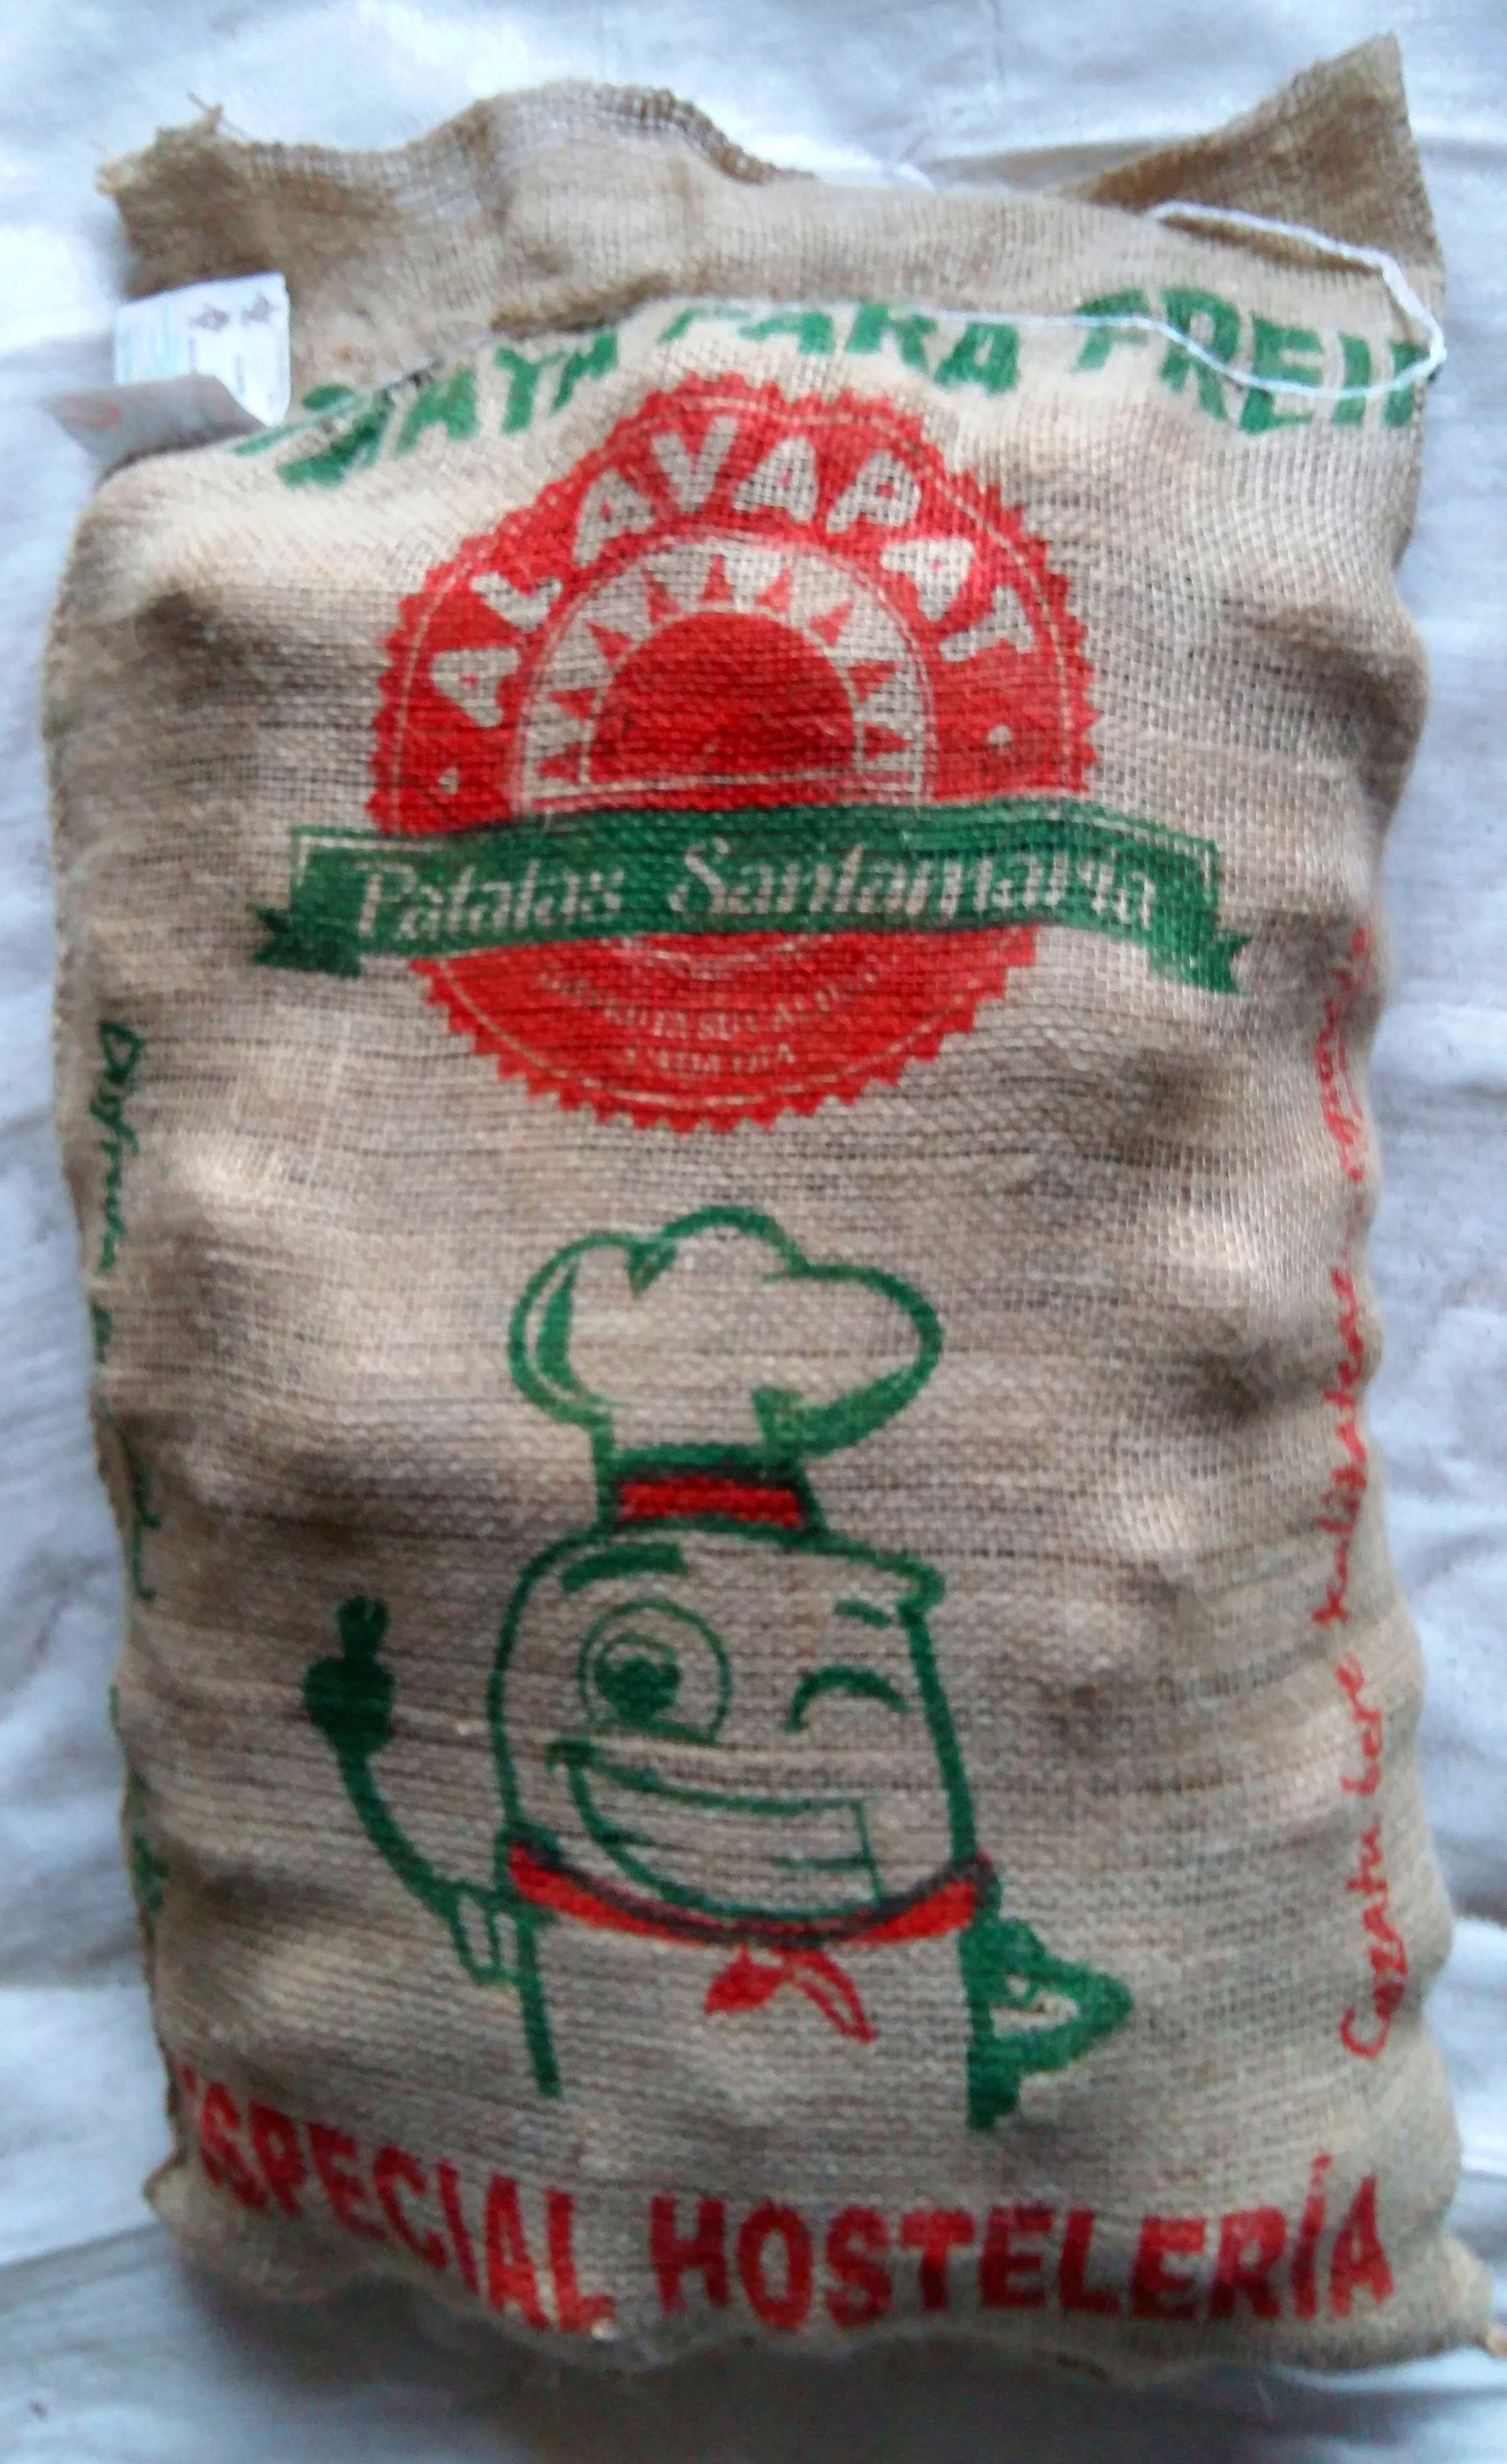 ALAVAPAT YUTE: Productos de Patatas Santamaría